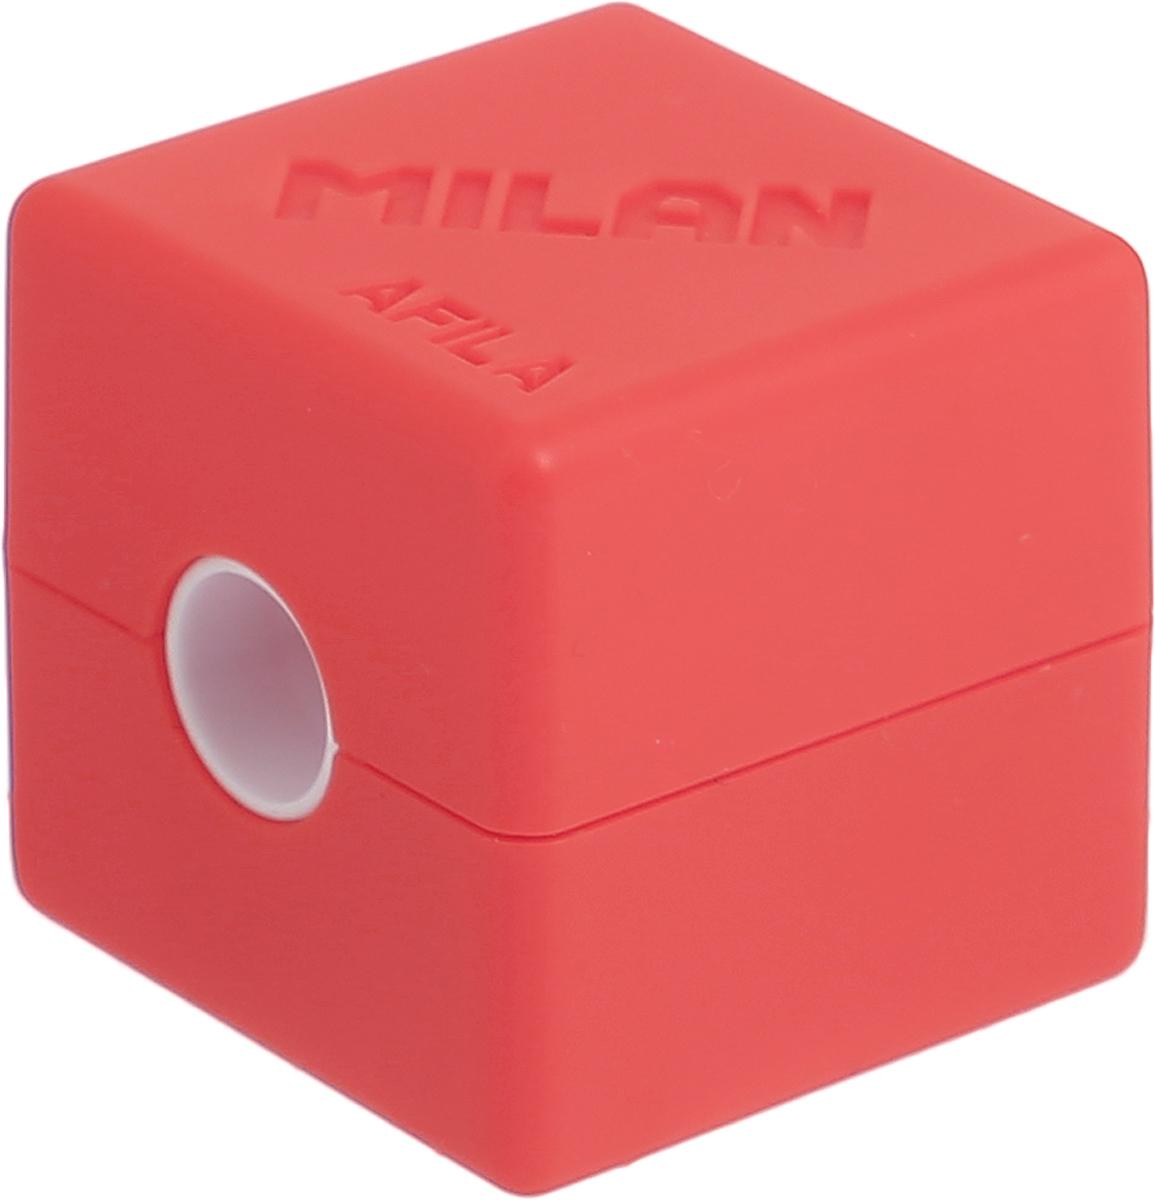 Компактная точилка Milan Cubic с контейнером оснащена безопасной системой заточки.Эта система предотвращает отделение лезвия от точилки. Идеально подходит для использования в школах. Стальное лезвие острое и устойчиво к повреждению. Идеально подходит для заточки графитовых и цветных карандашей